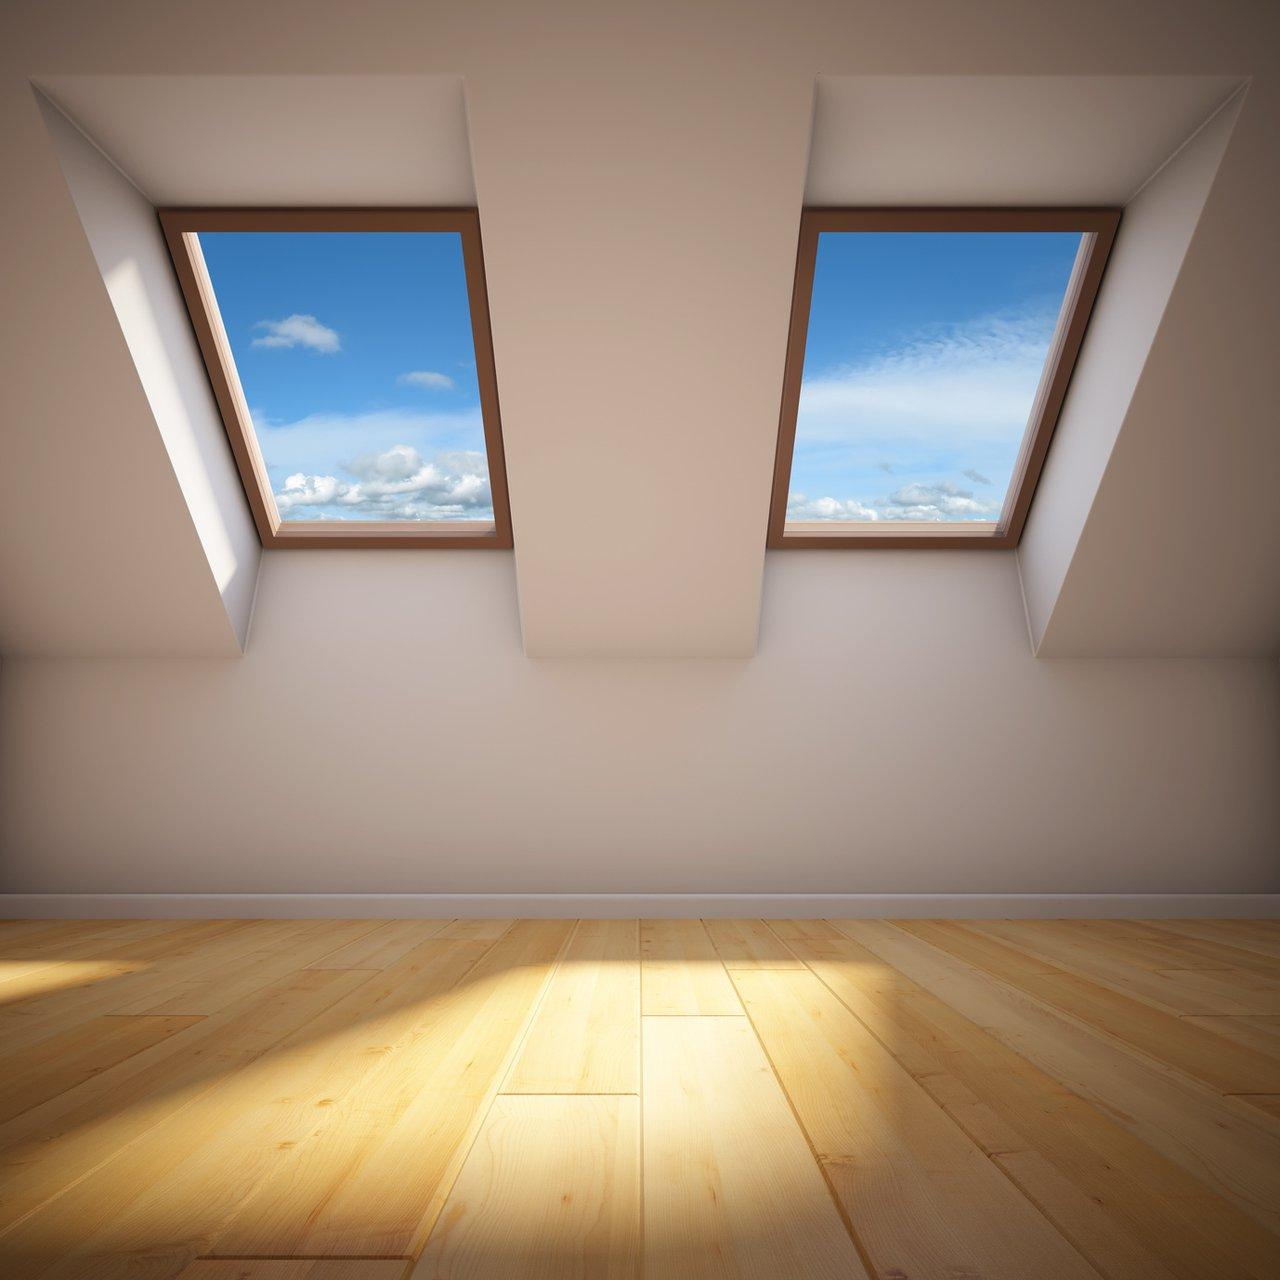 dachfl chenfenster viel luft und licht im dachgeschoss. Black Bedroom Furniture Sets. Home Design Ideas